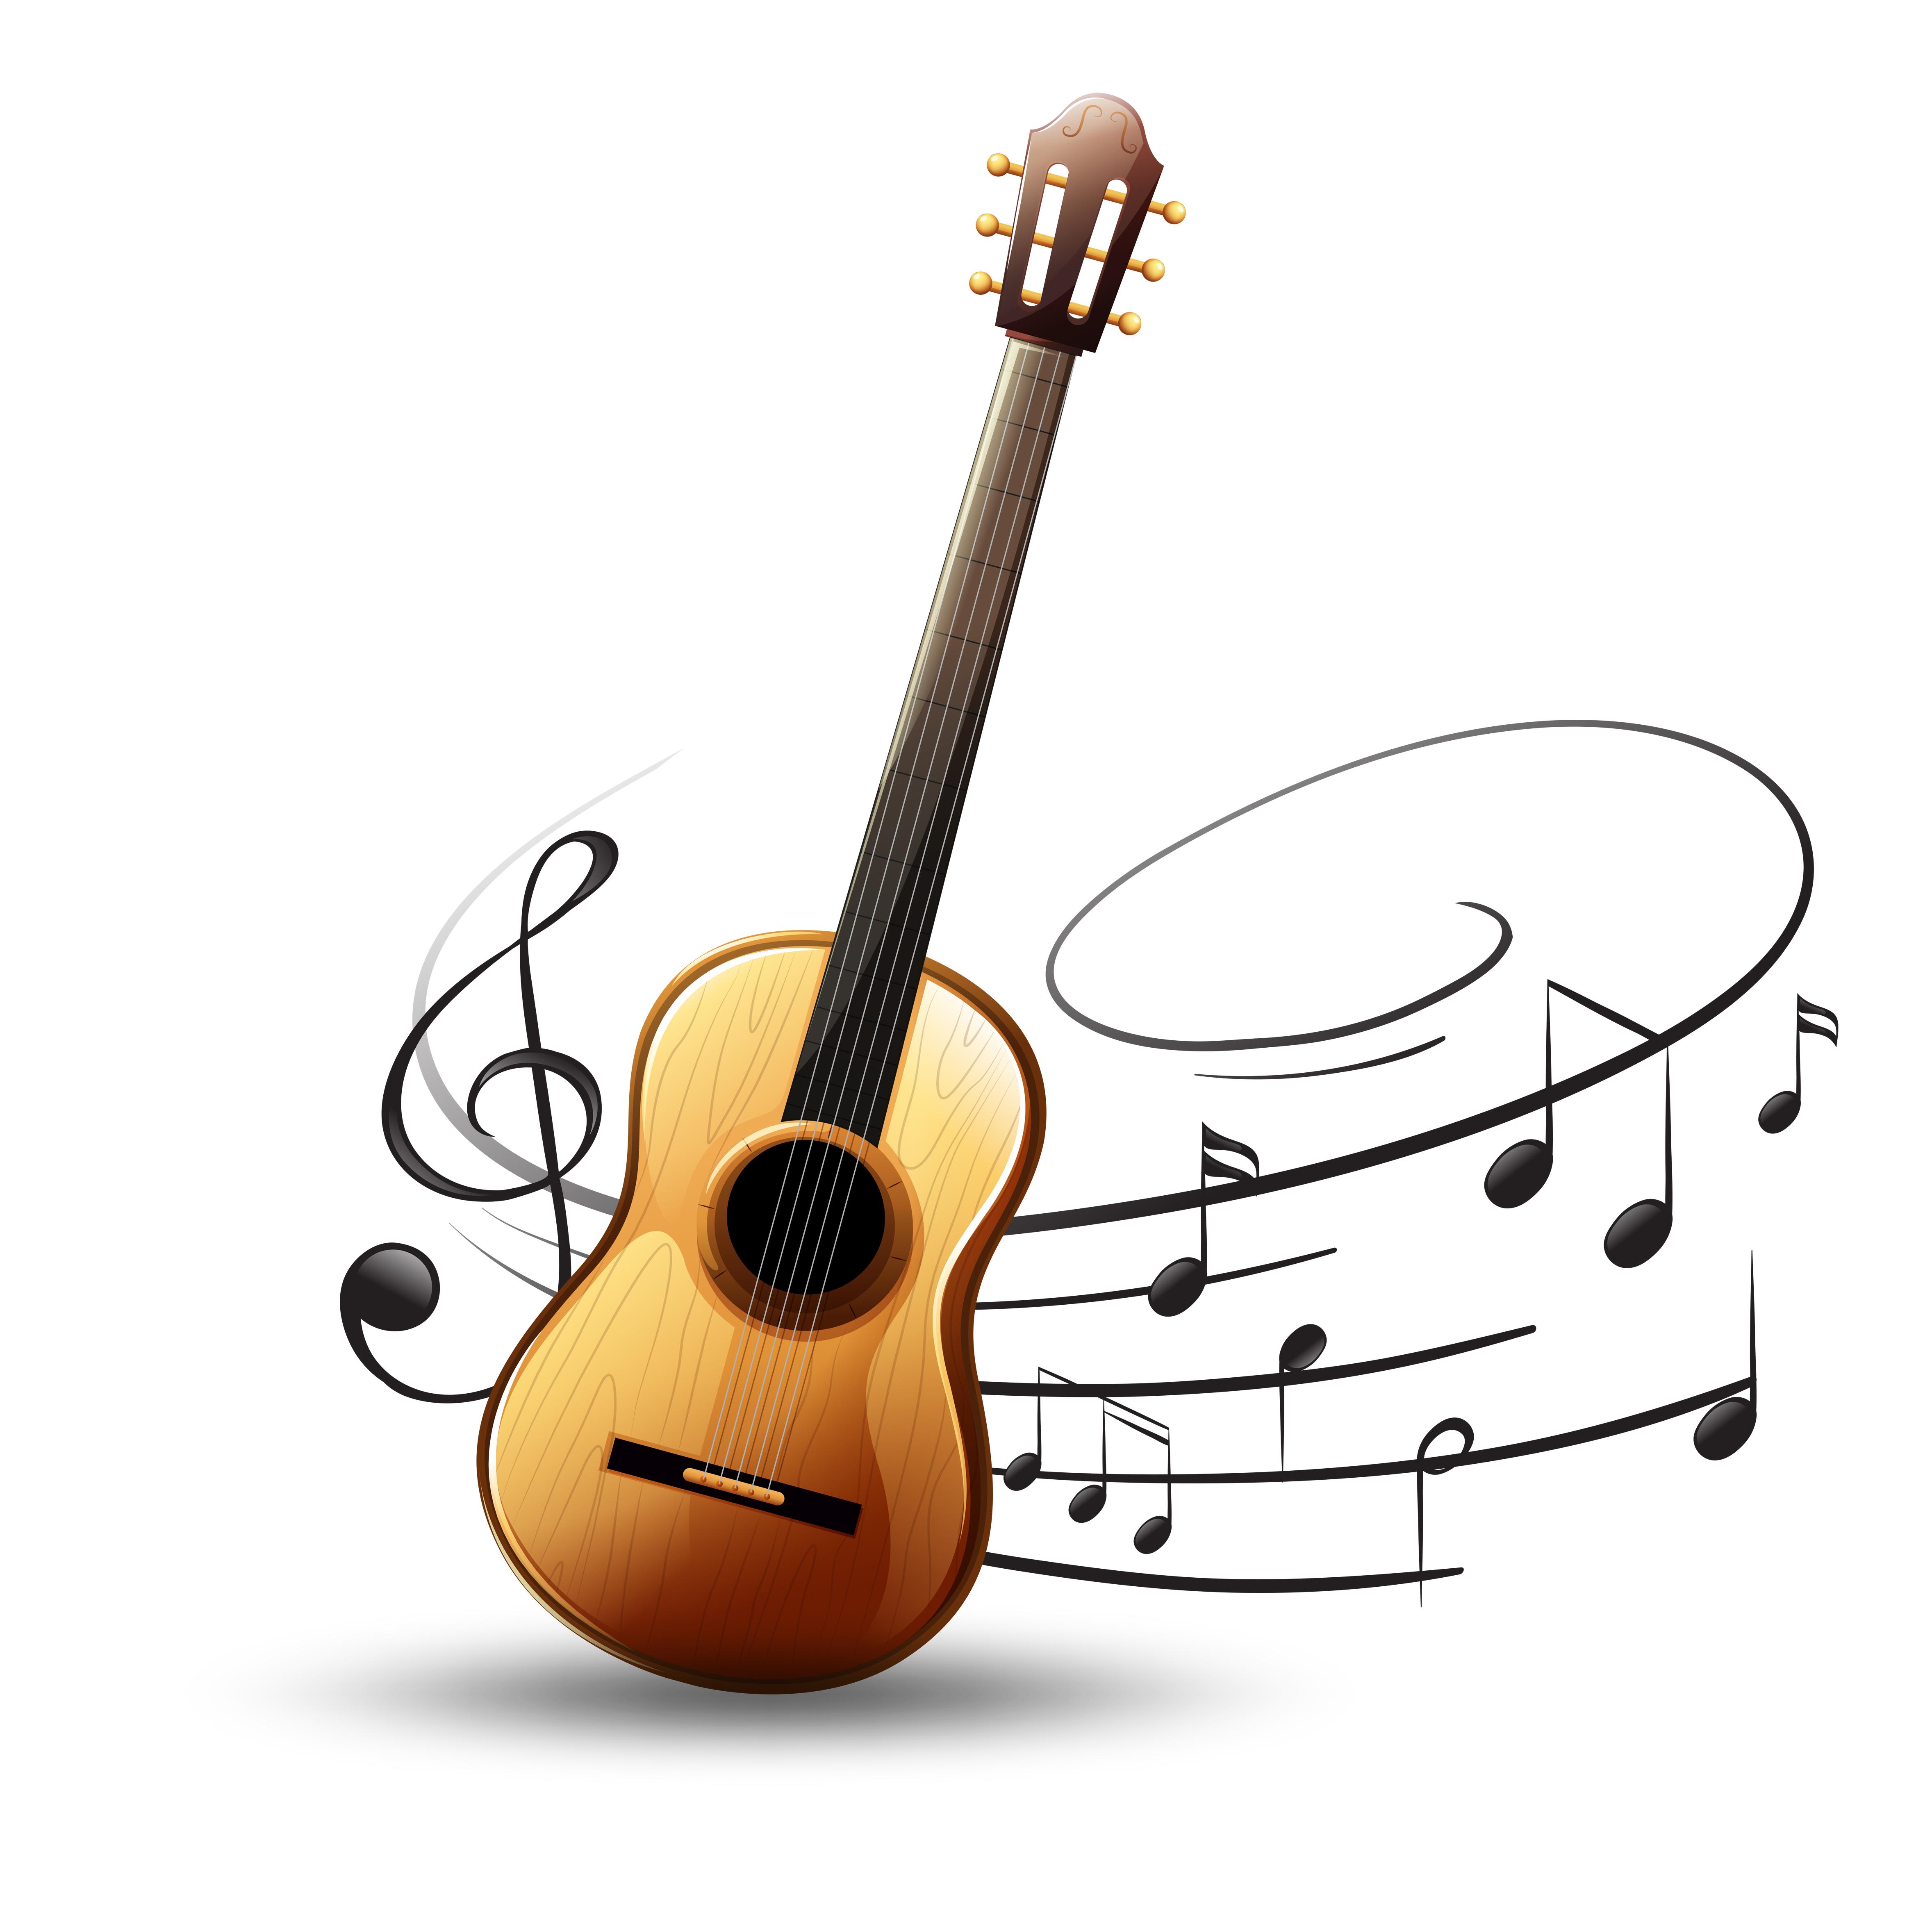 Violao Classico Com Notas Musicais No Fundo Download Vetores